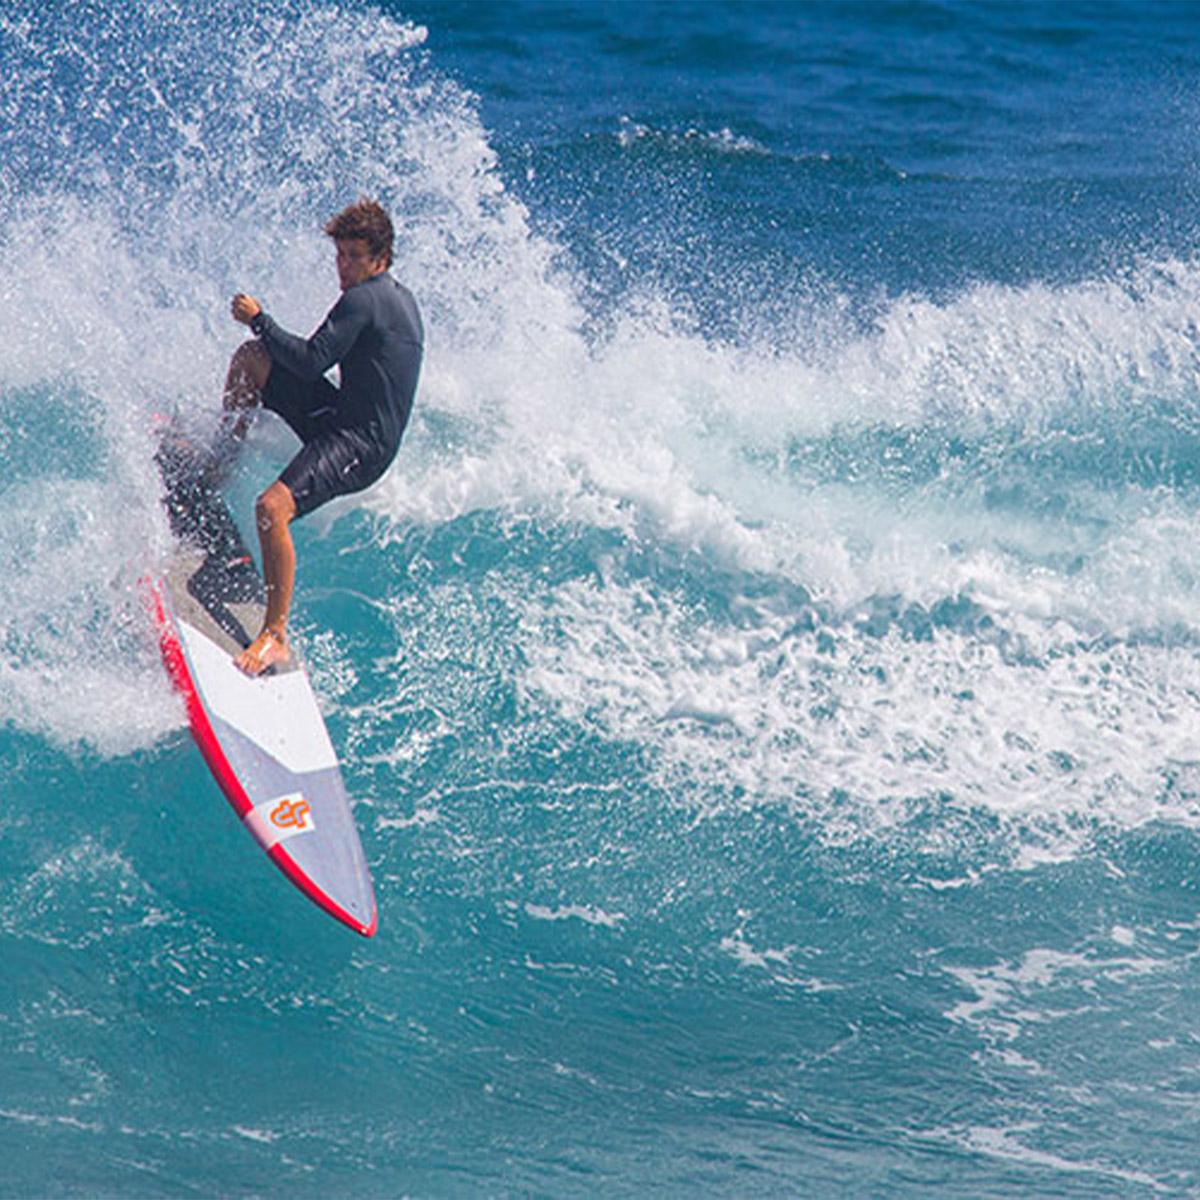 jp-surf-pro-sup-board-2019-actionshot